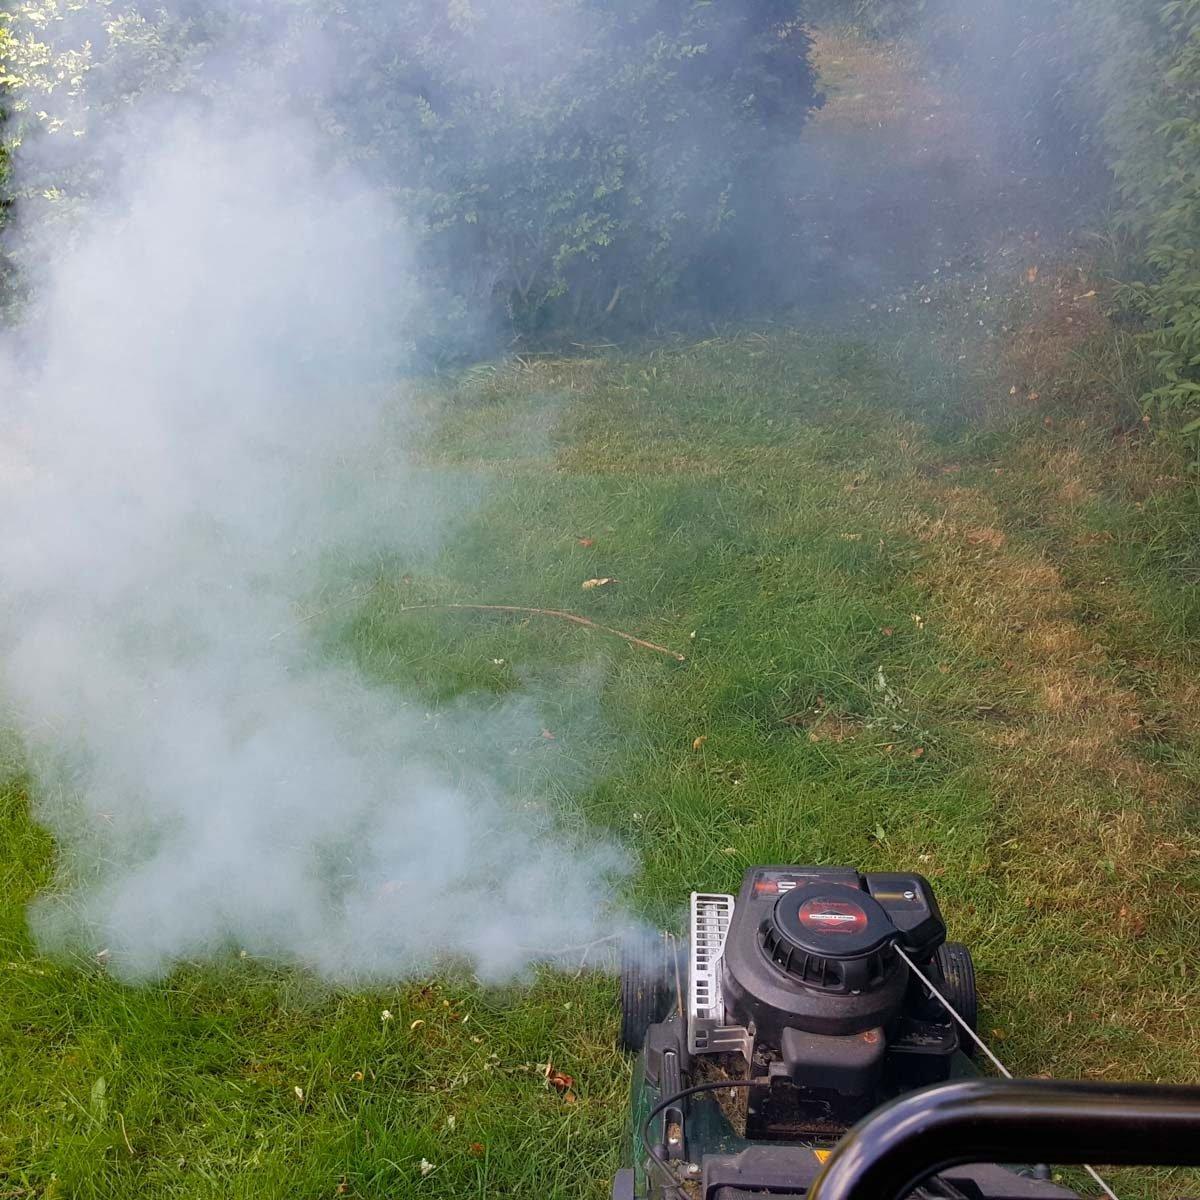 lawn mower smoking